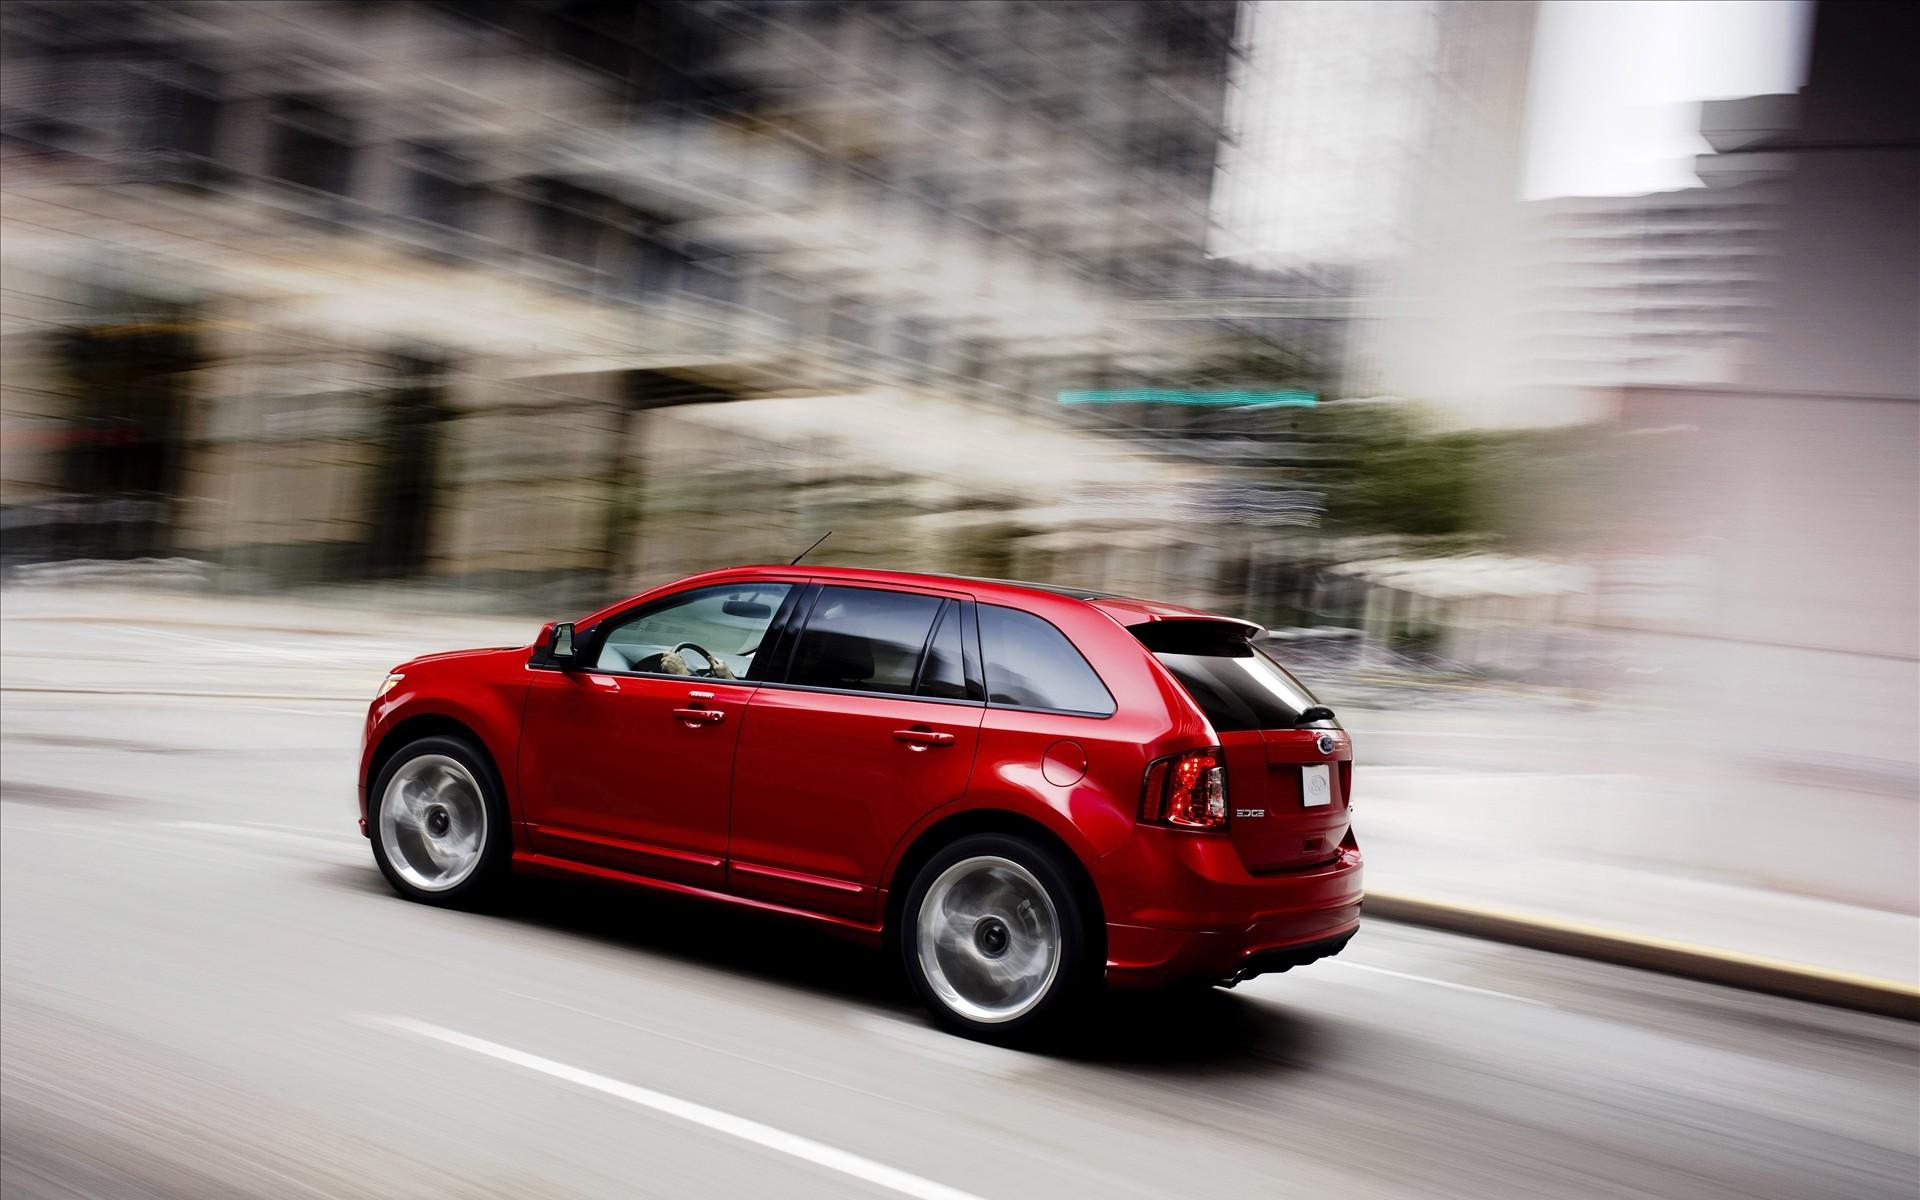 27891 скачать обои Транспорт, Машины, Форд (Ford) - заставки и картинки бесплатно